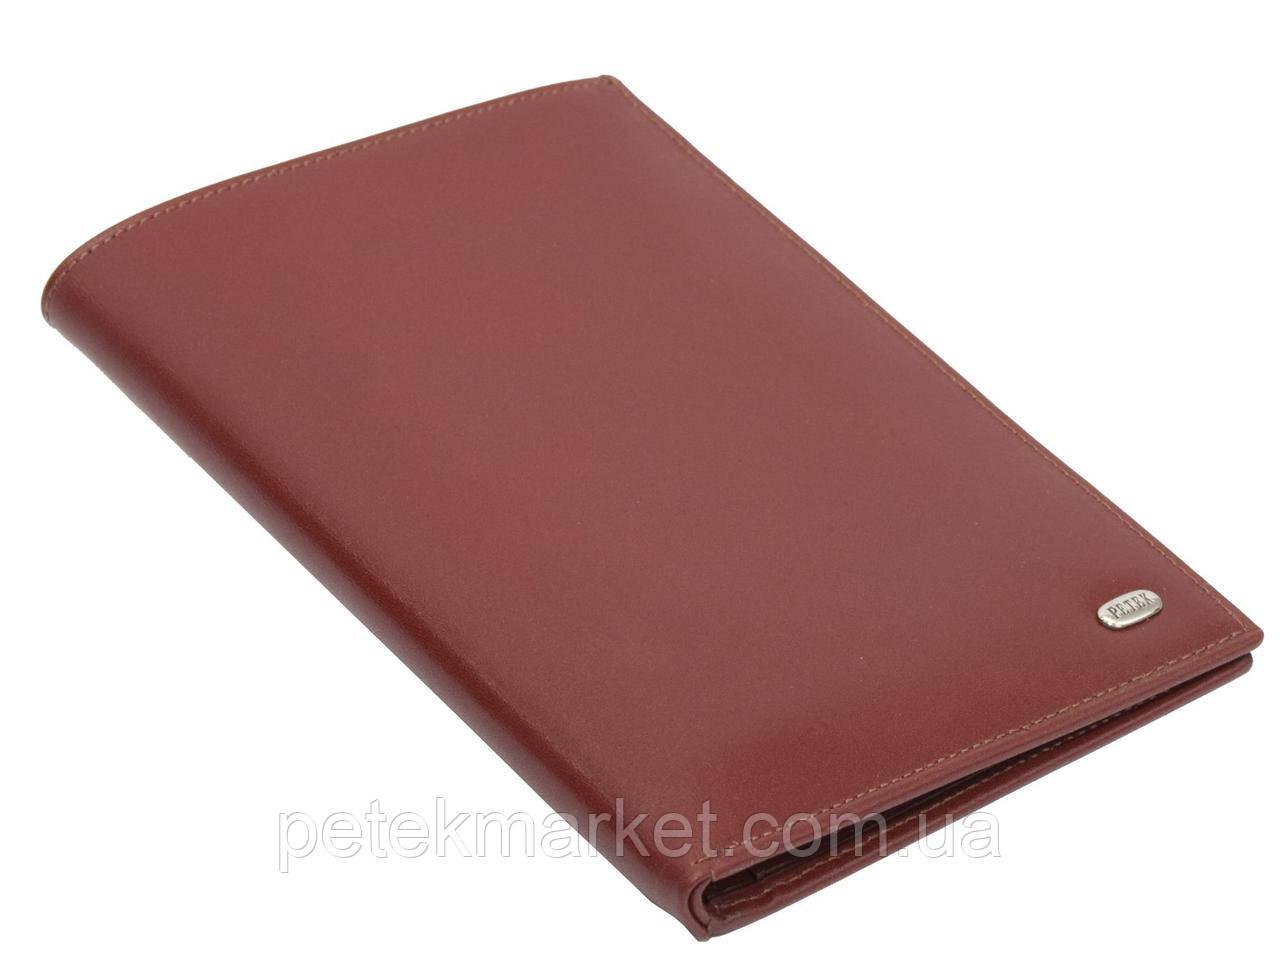 Мужской бумажник из натуральной кожи Petek 144-W04-W04